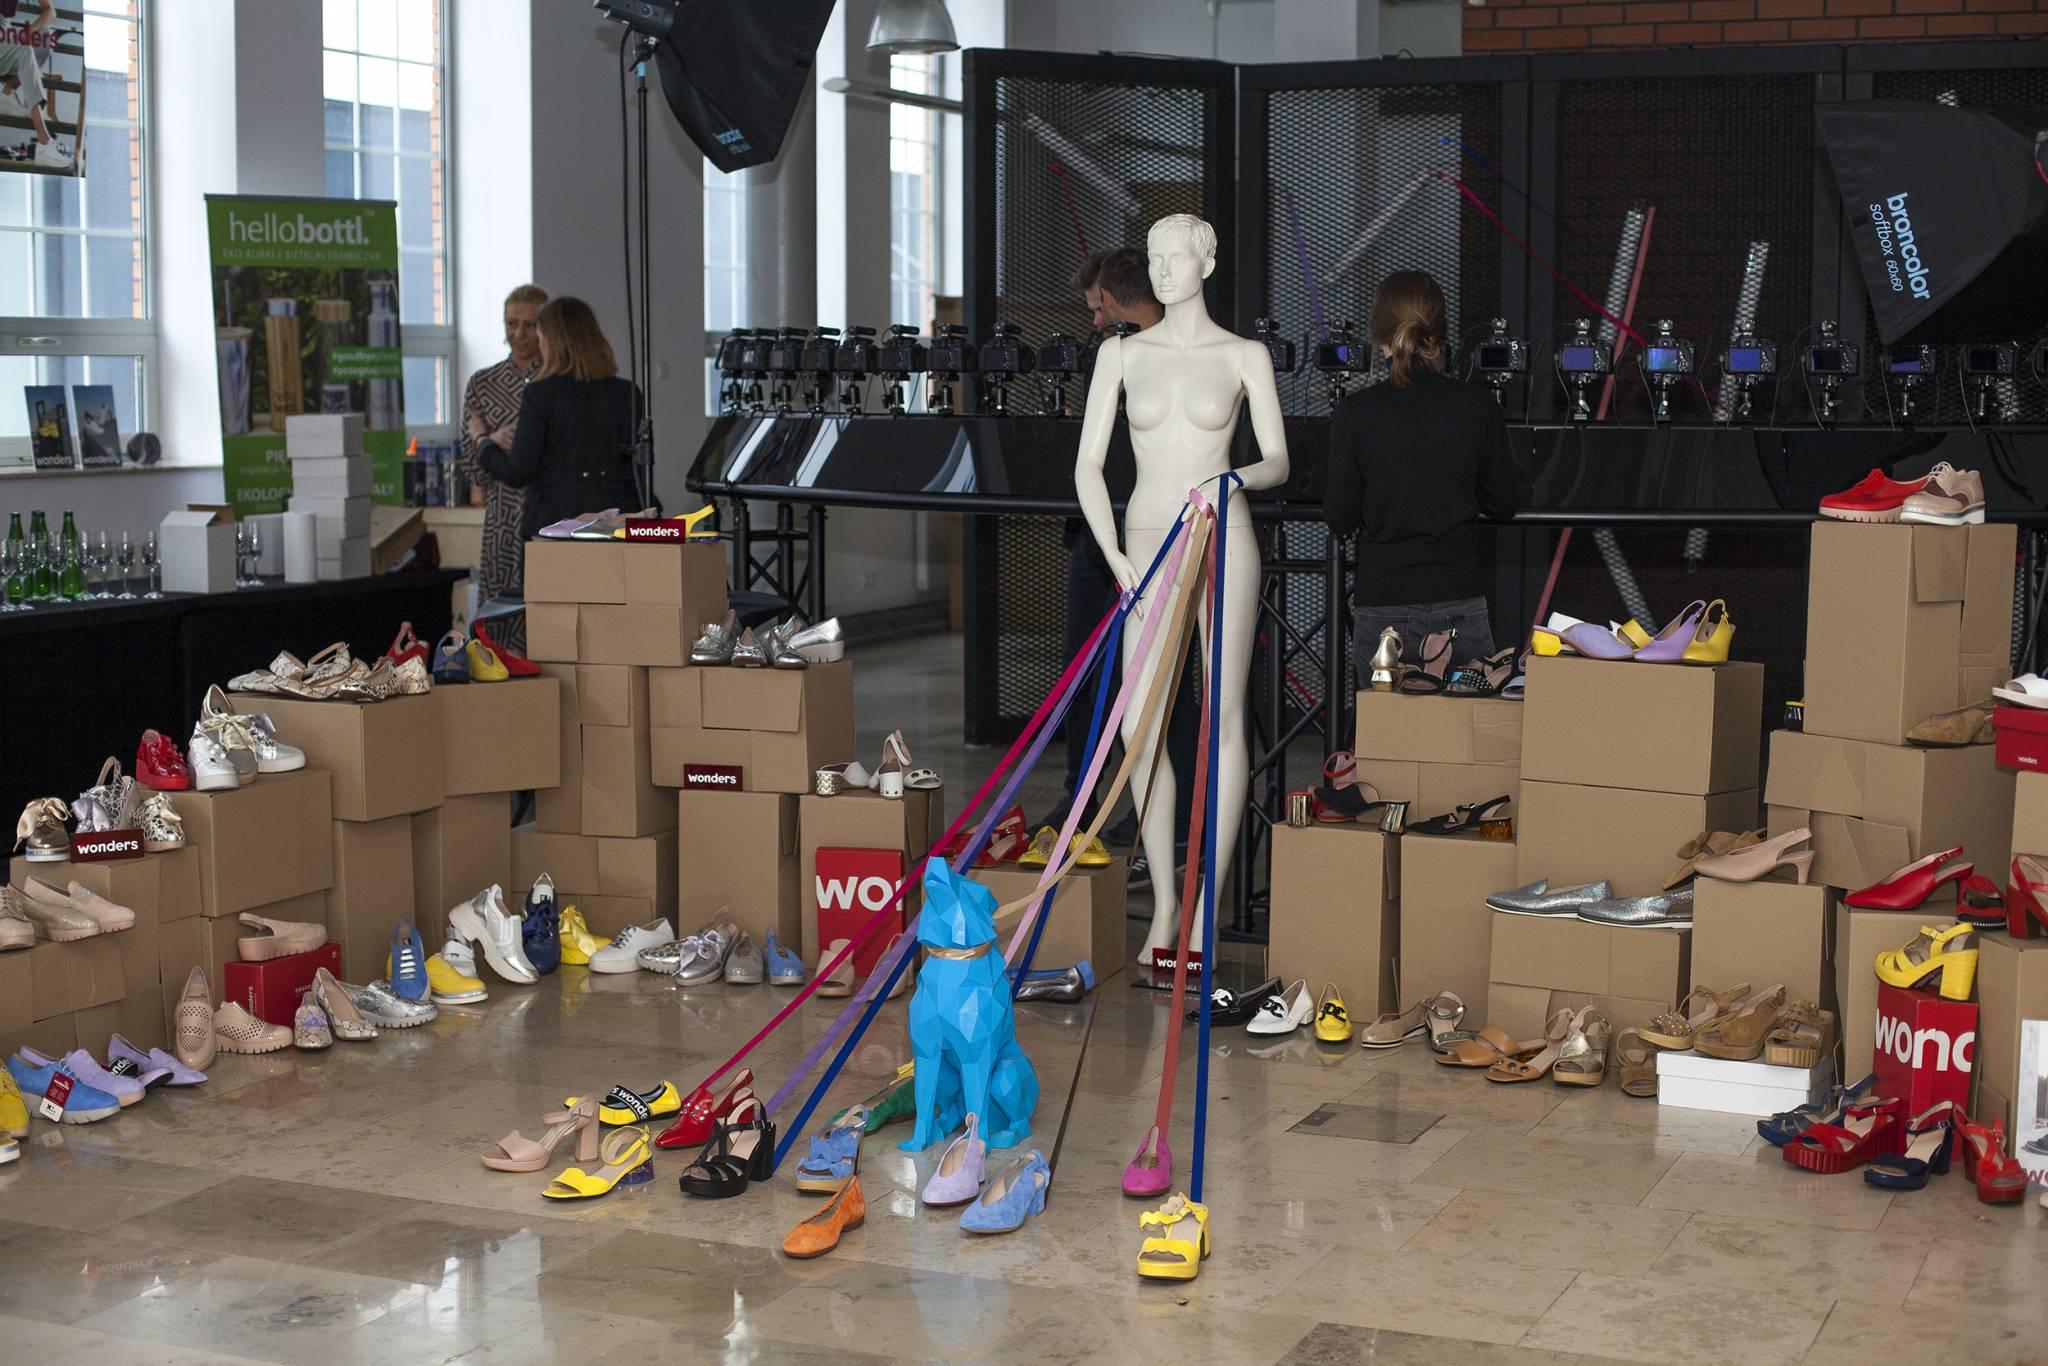 Hiszpańskie buty Wonders już wkrótce dostępne w Polsce